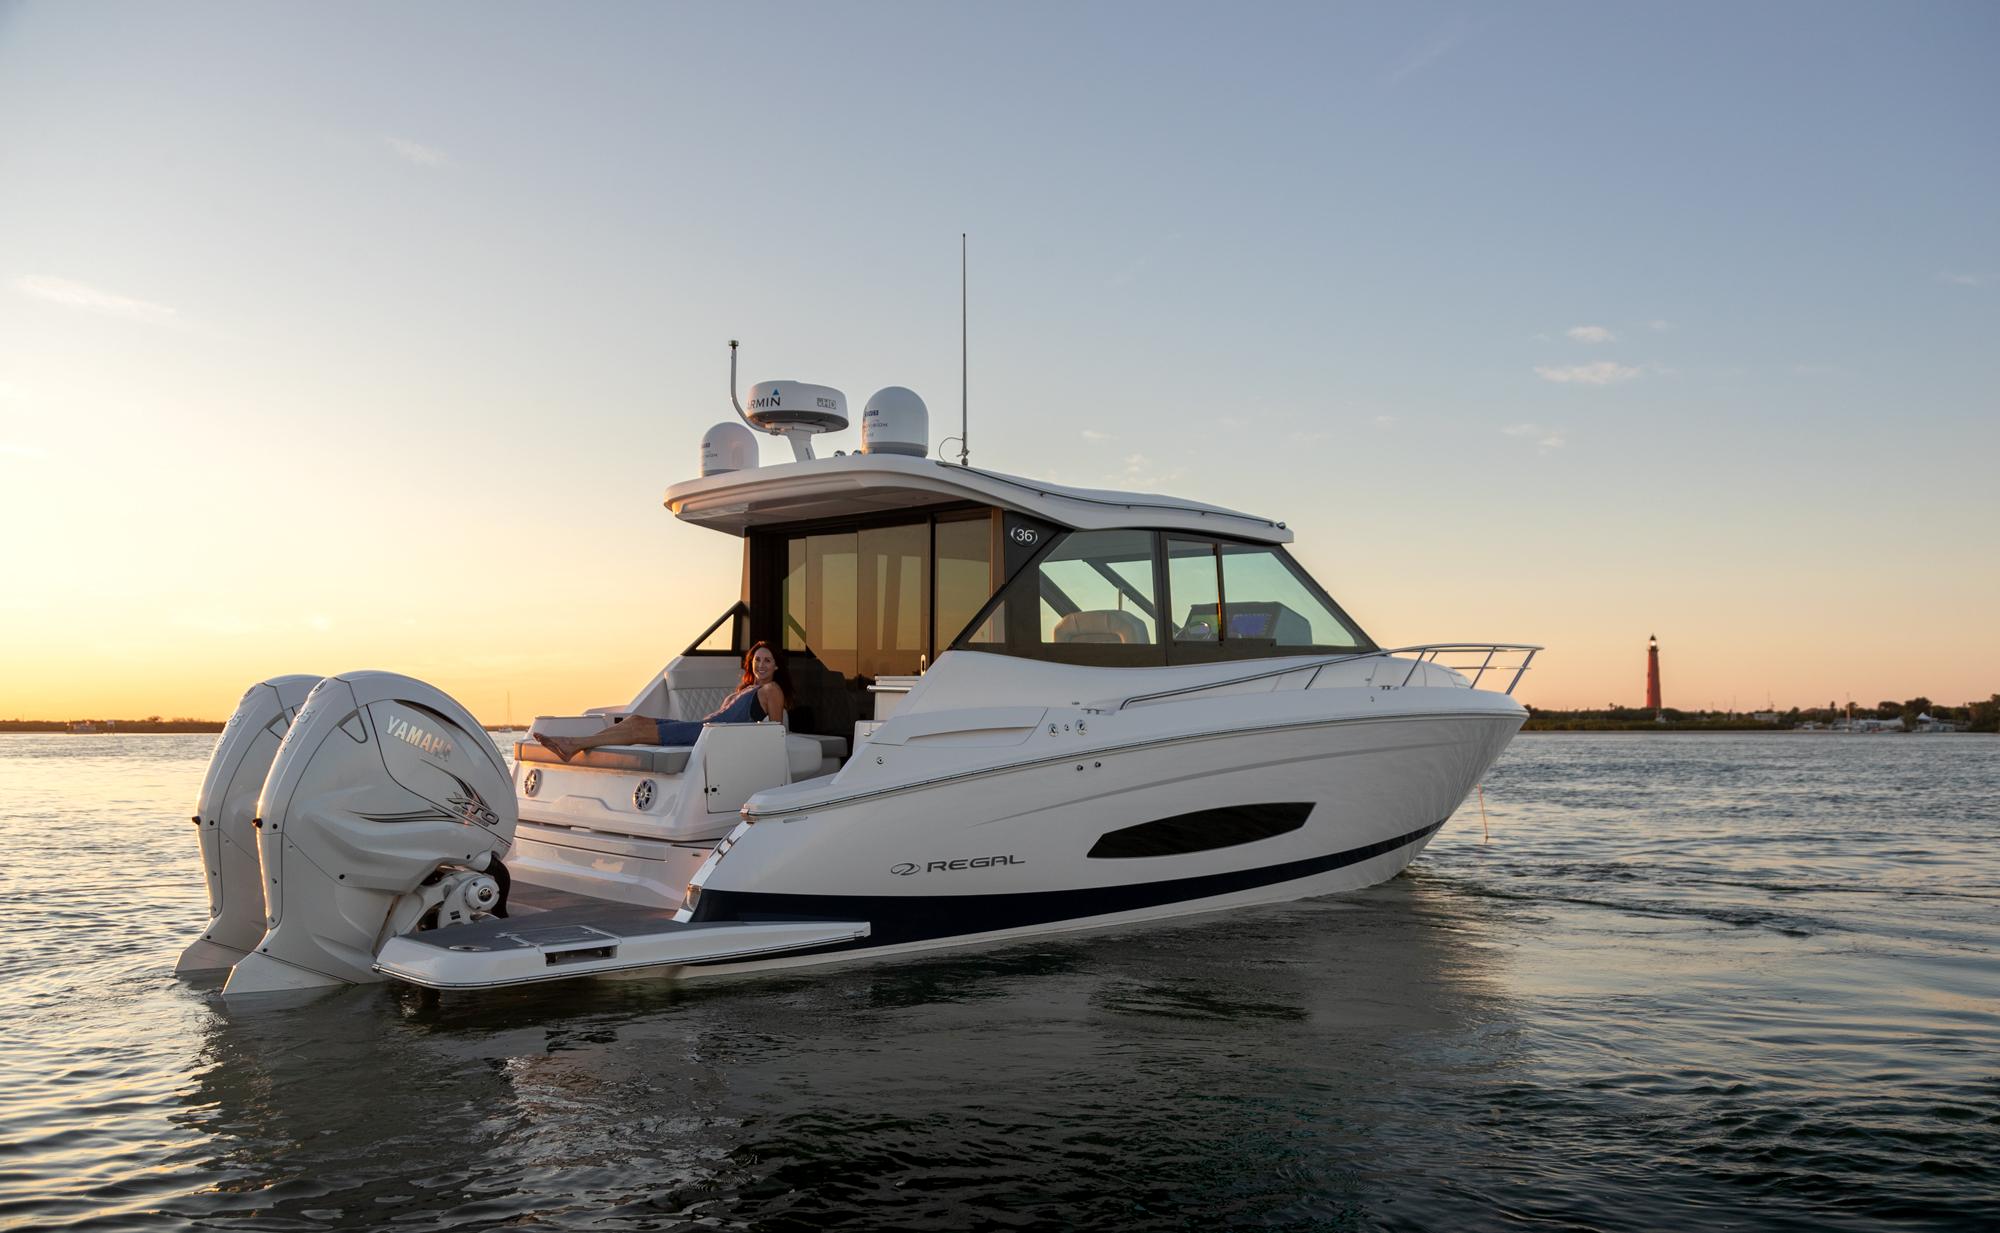 REGAL 36 XO:フロントガラスウォークスルー/利便性の高い、フロントガラスのウォークスルーによって、船首とサロンの間を自由に行き来することができます。